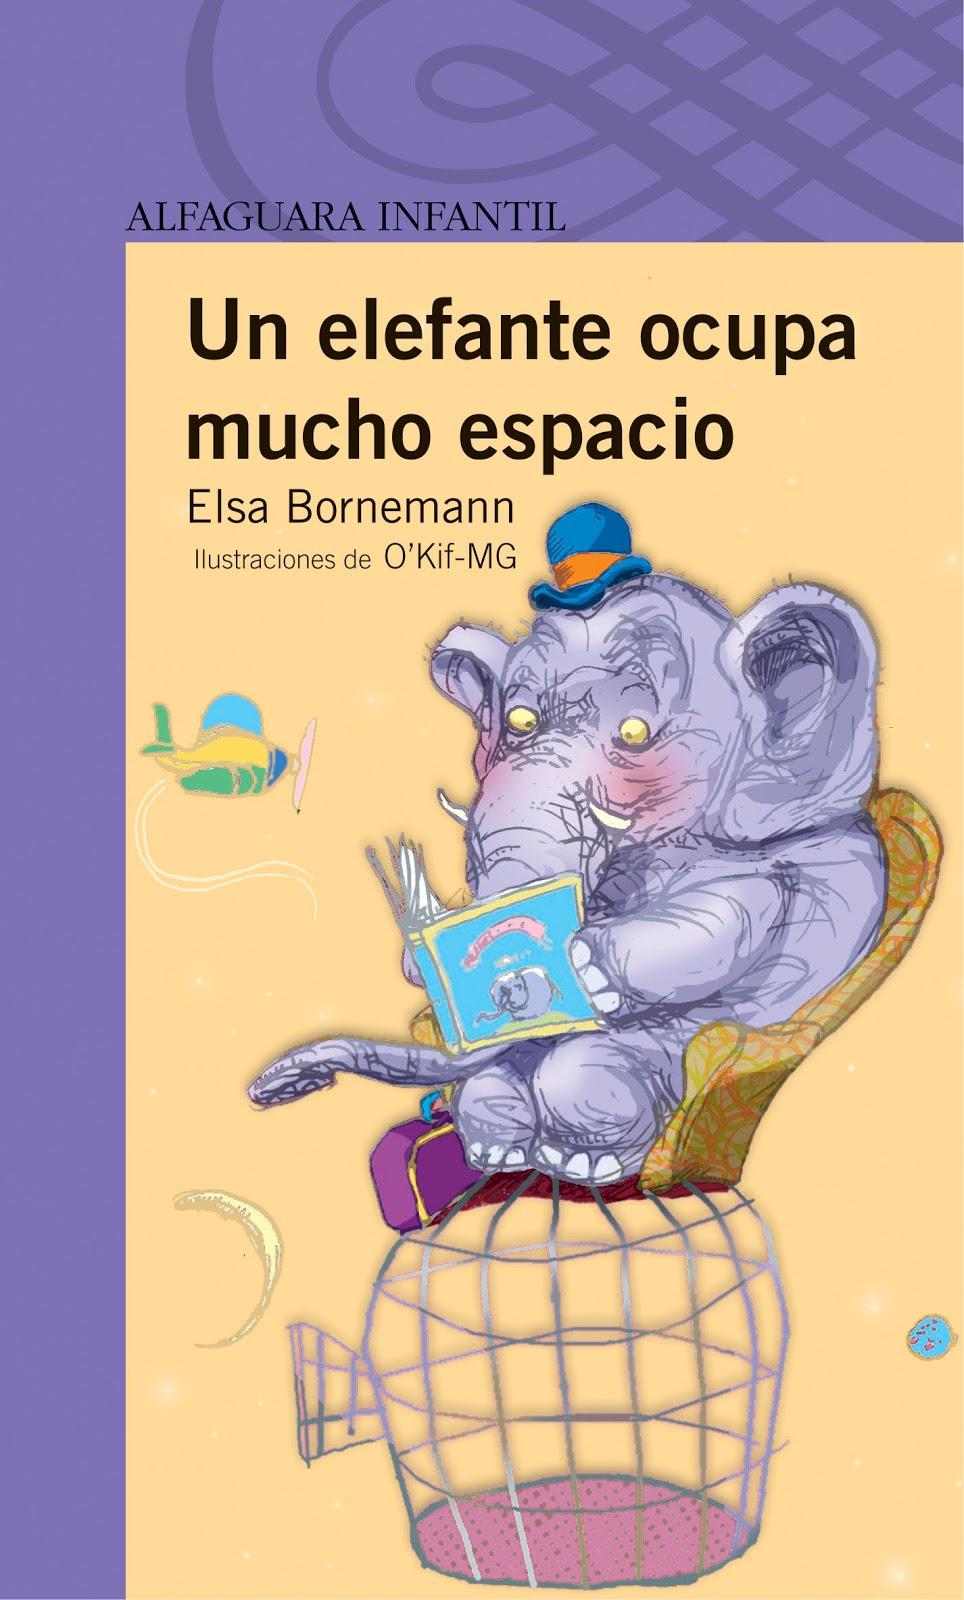 Blog de los ni os un elefante ocupa mucho espacio - Libro da colorare elefante libro ...